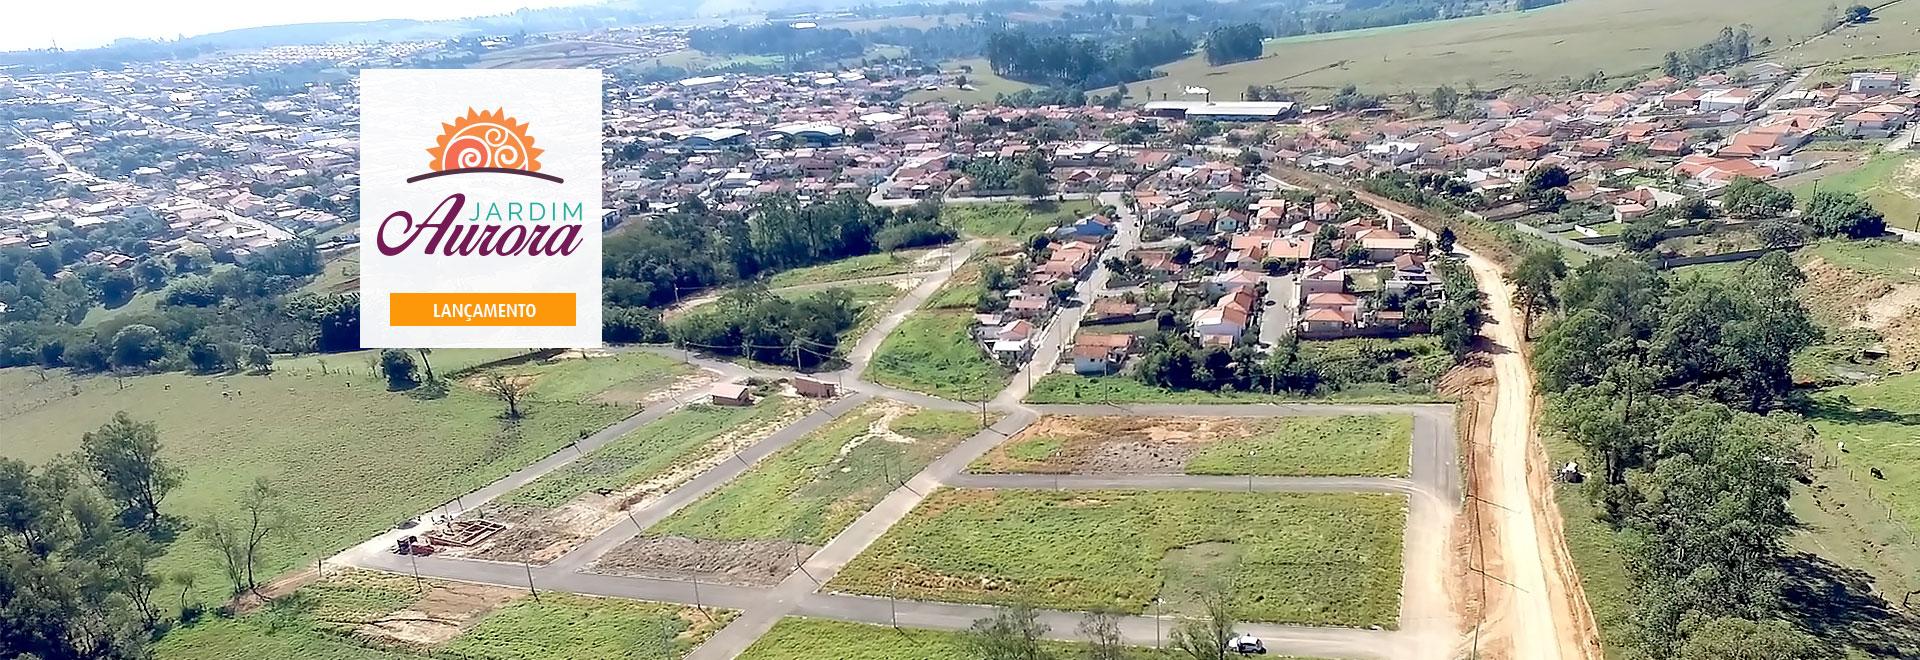 Loteamento em Quatiguá - PR | Jardim Aurora